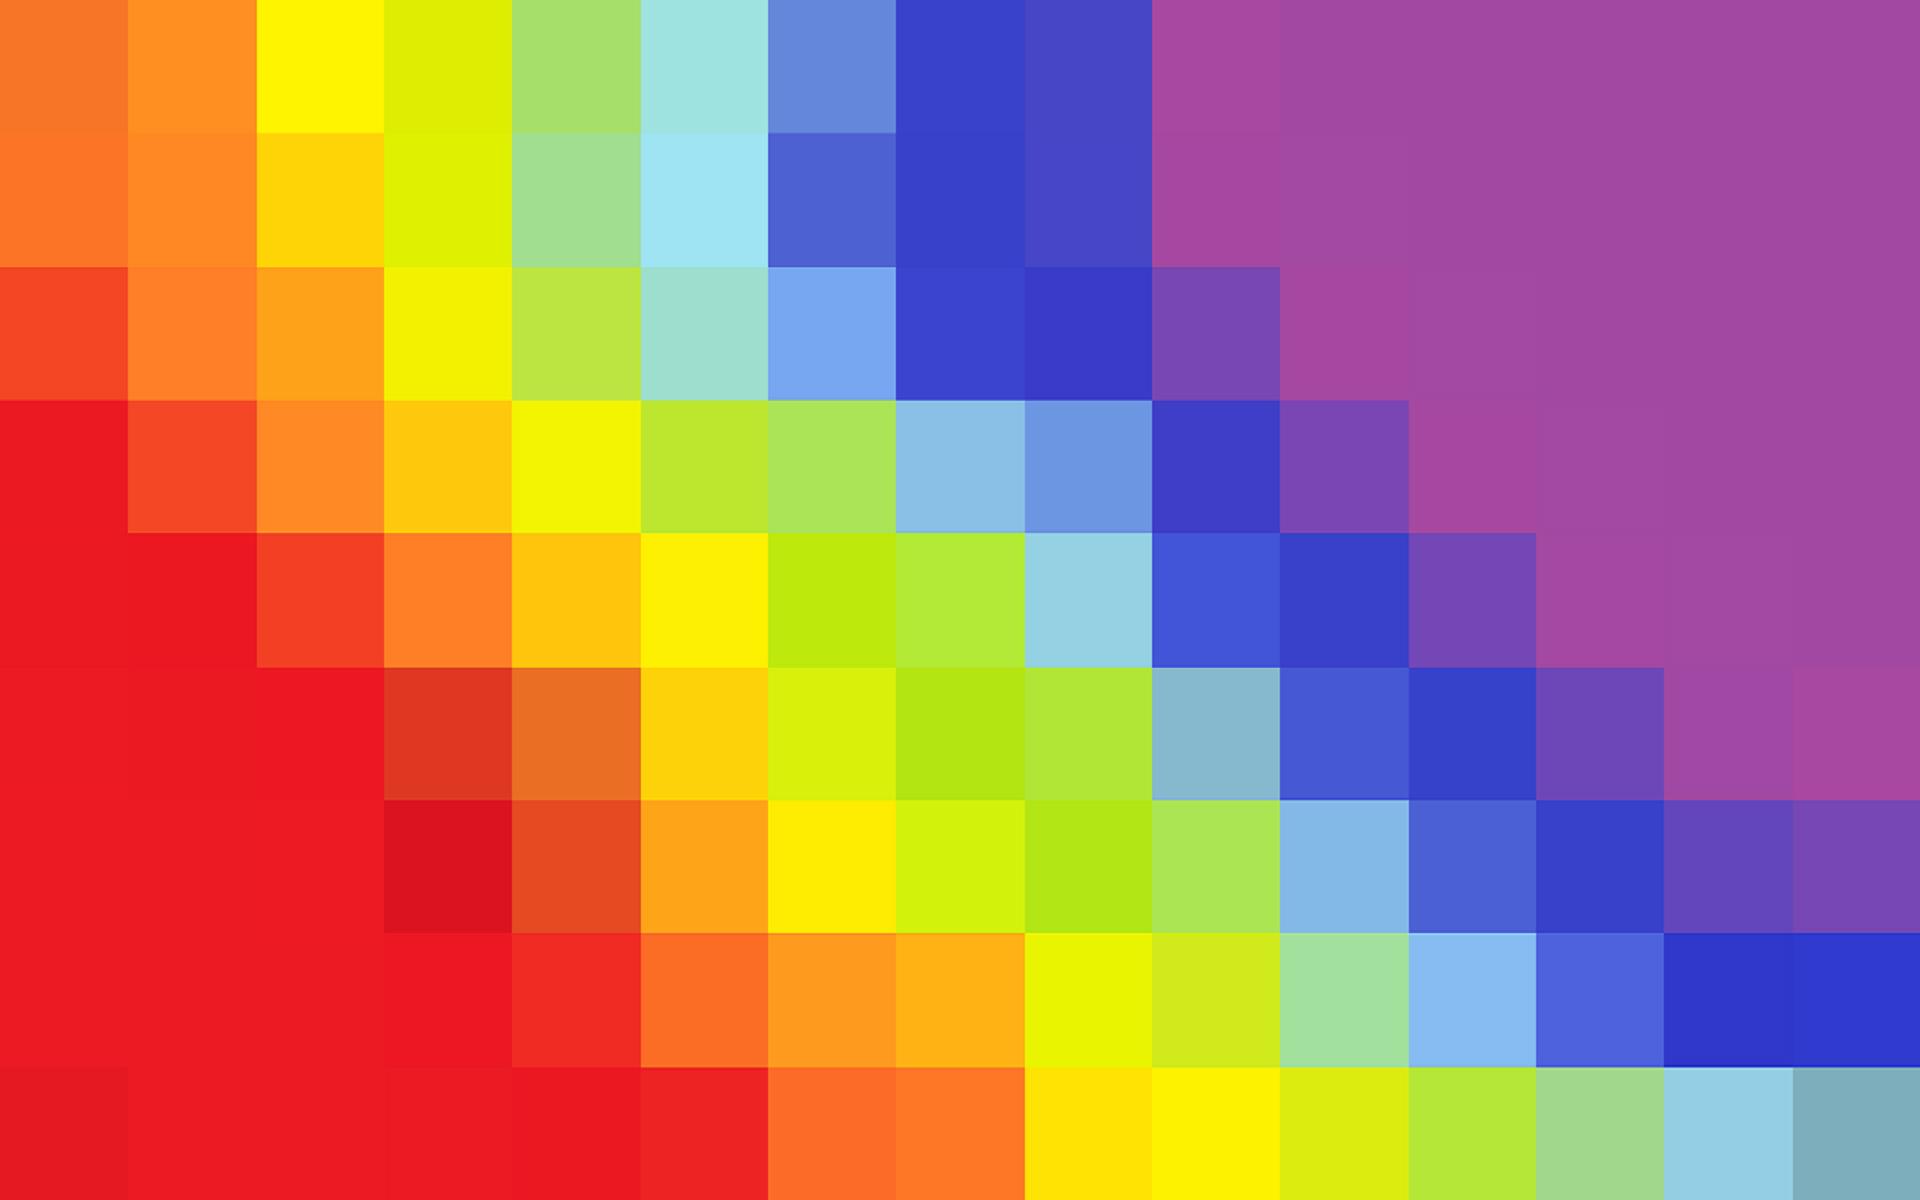 colors wallpaper 44573 1920x1200 px hdwallsourcecom